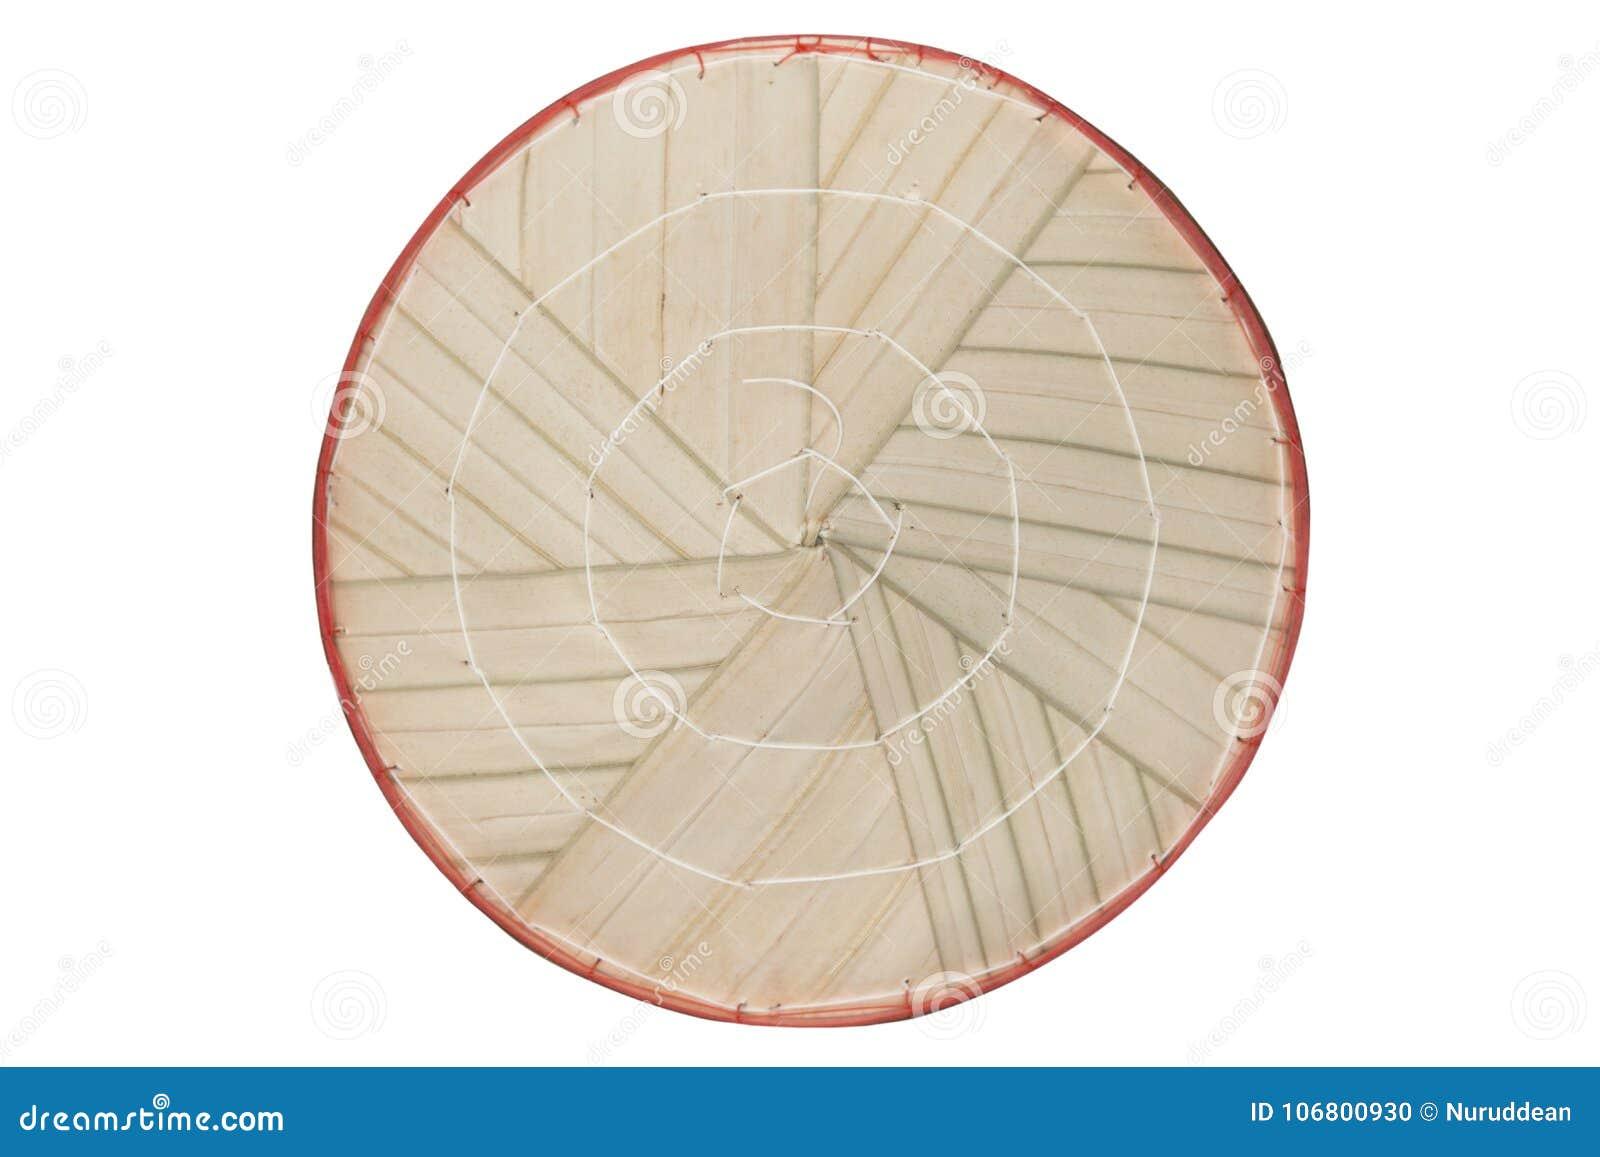 Download Vietnamesischer Konischer Hut Lokalisiert Auf Weißem Hintergrund Stockfoto - Bild von nahaufnahme, konisch: 106800930